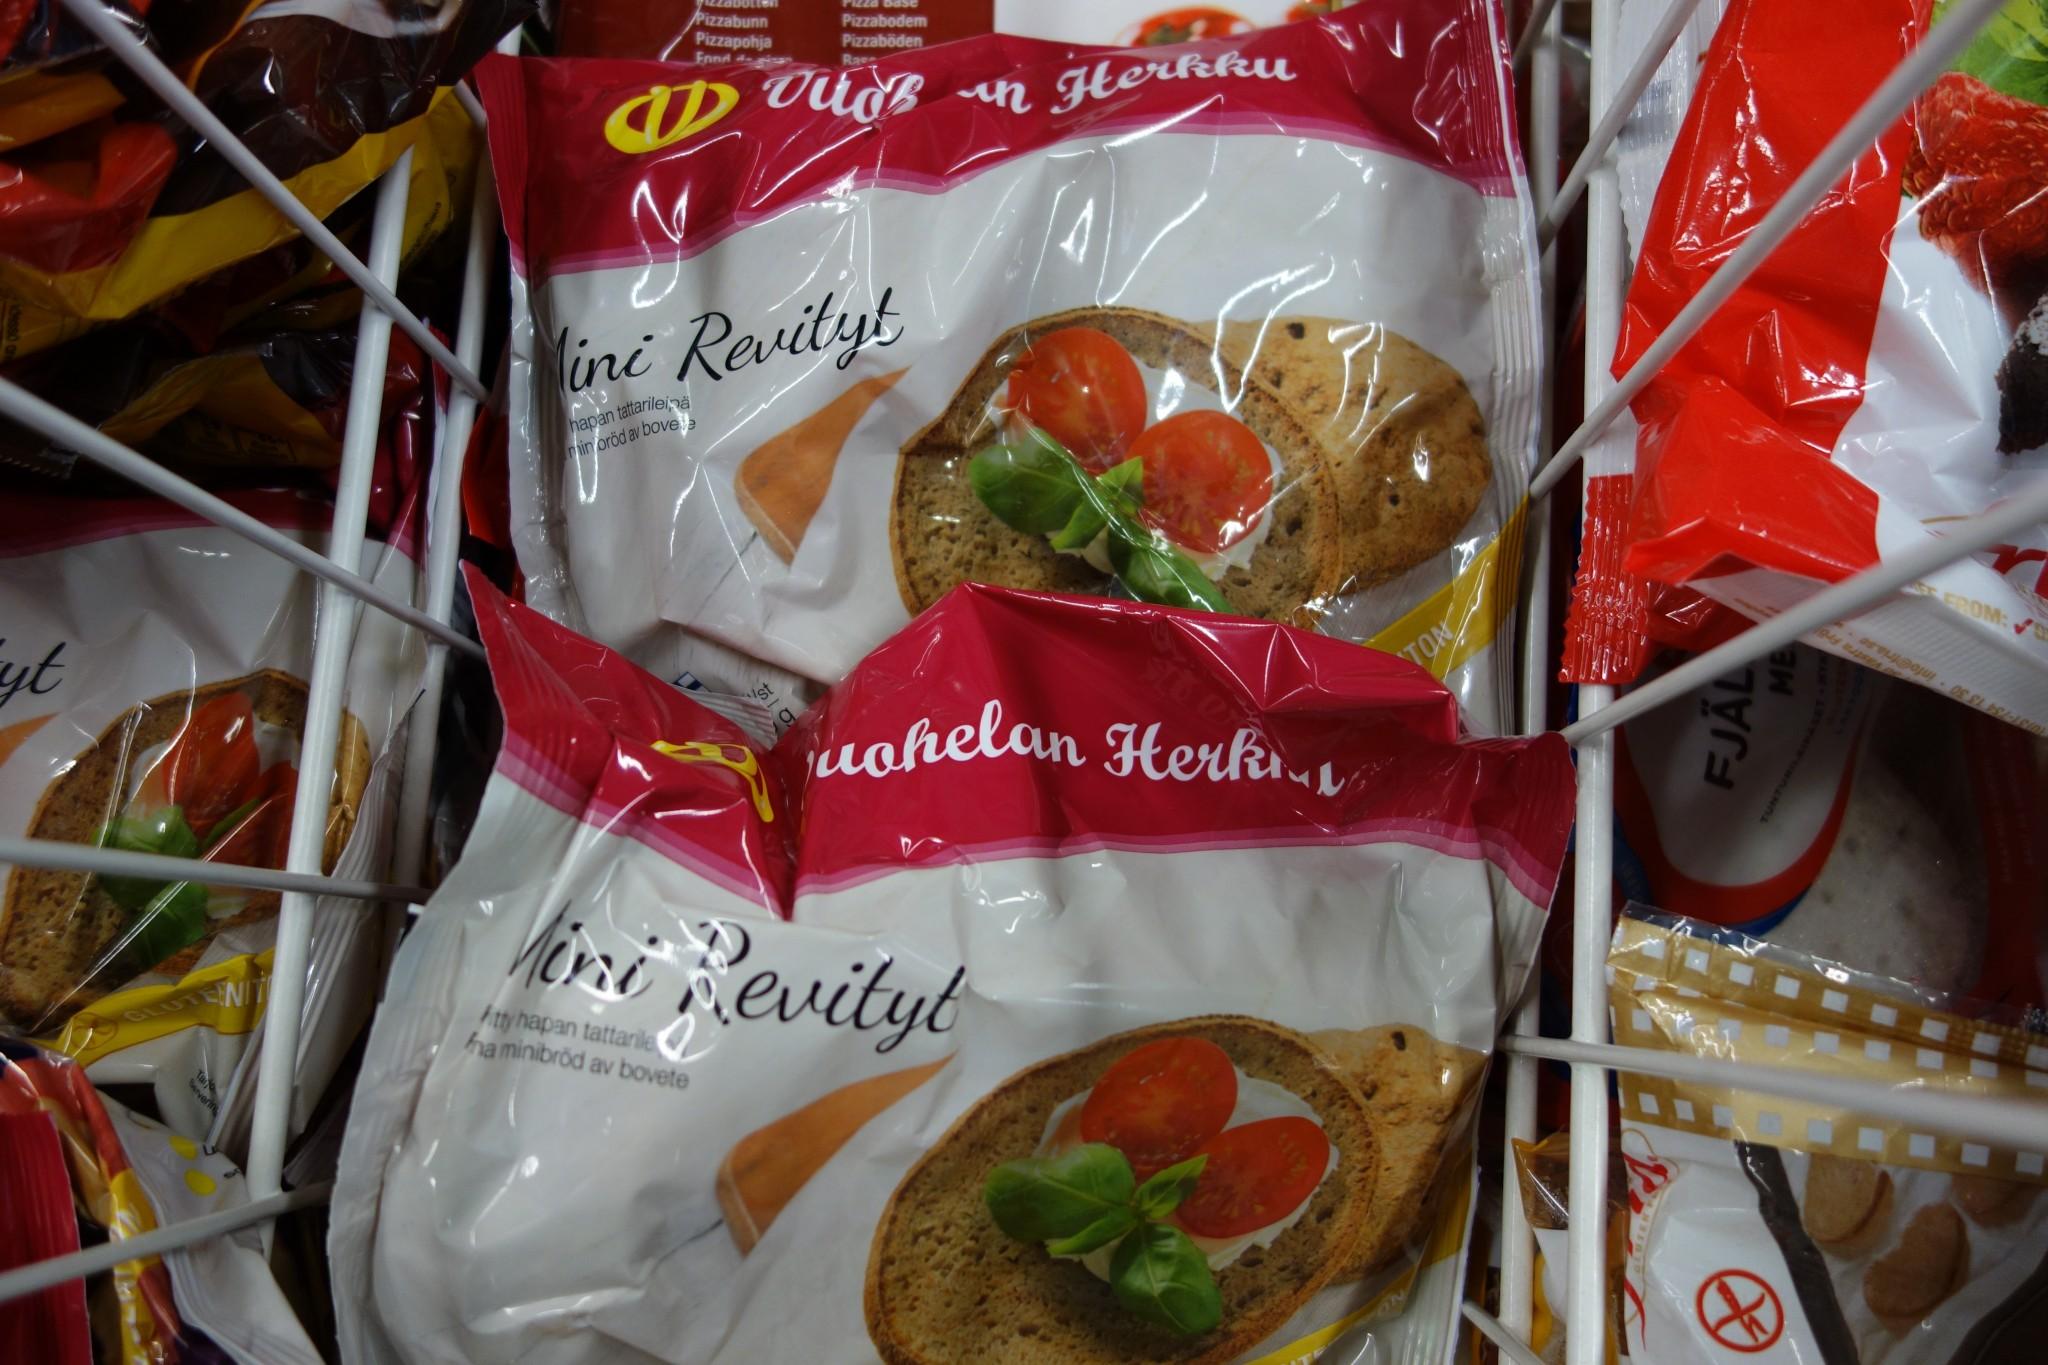 gluteeniton kauraleipä kaupasta